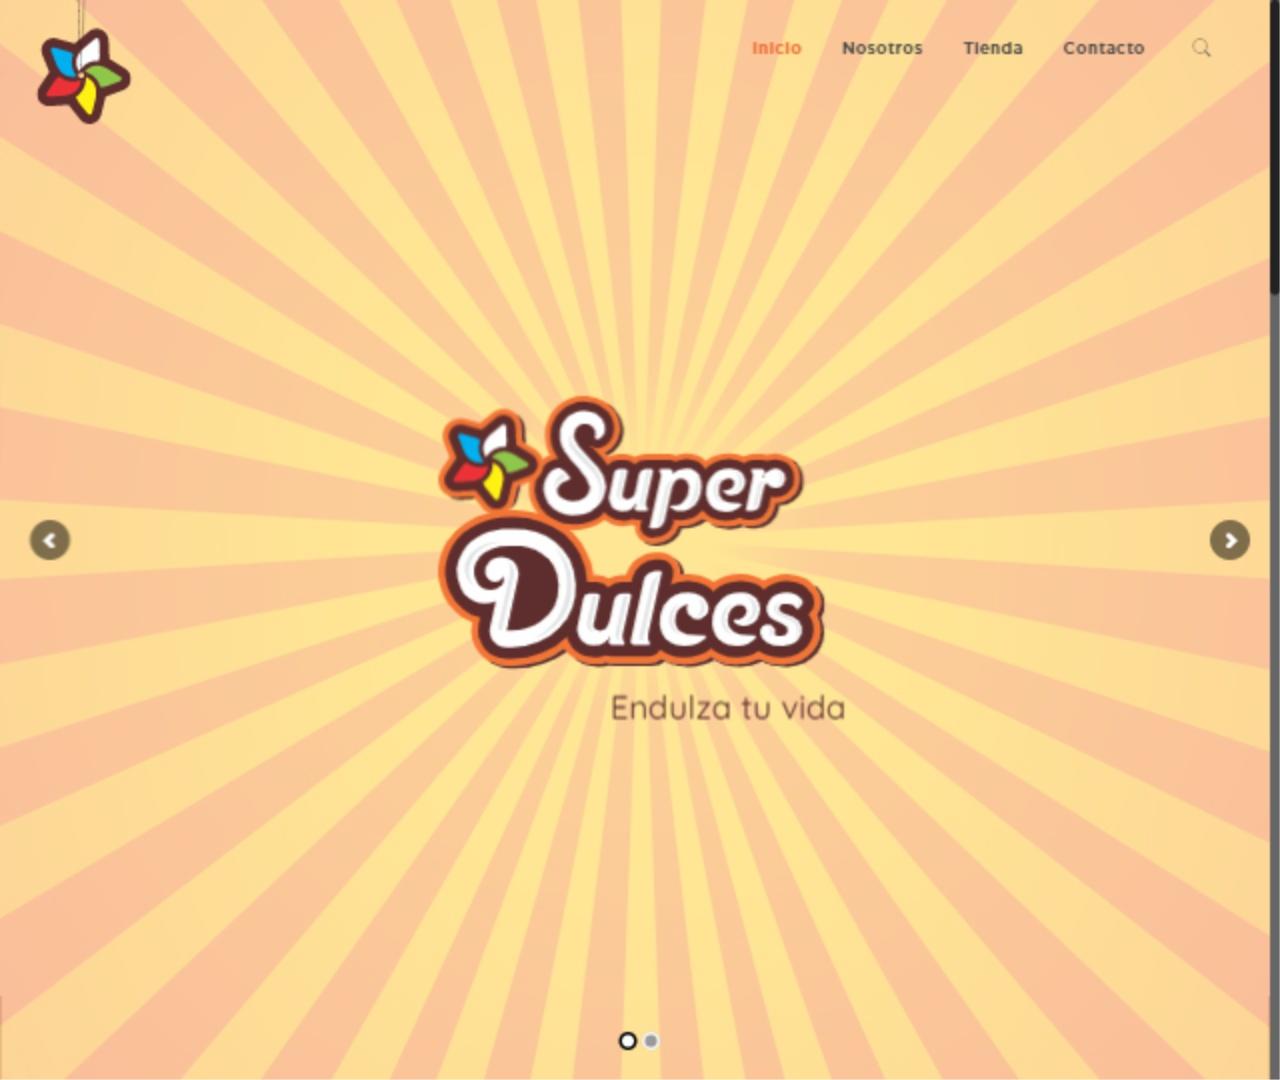 Super Dulces